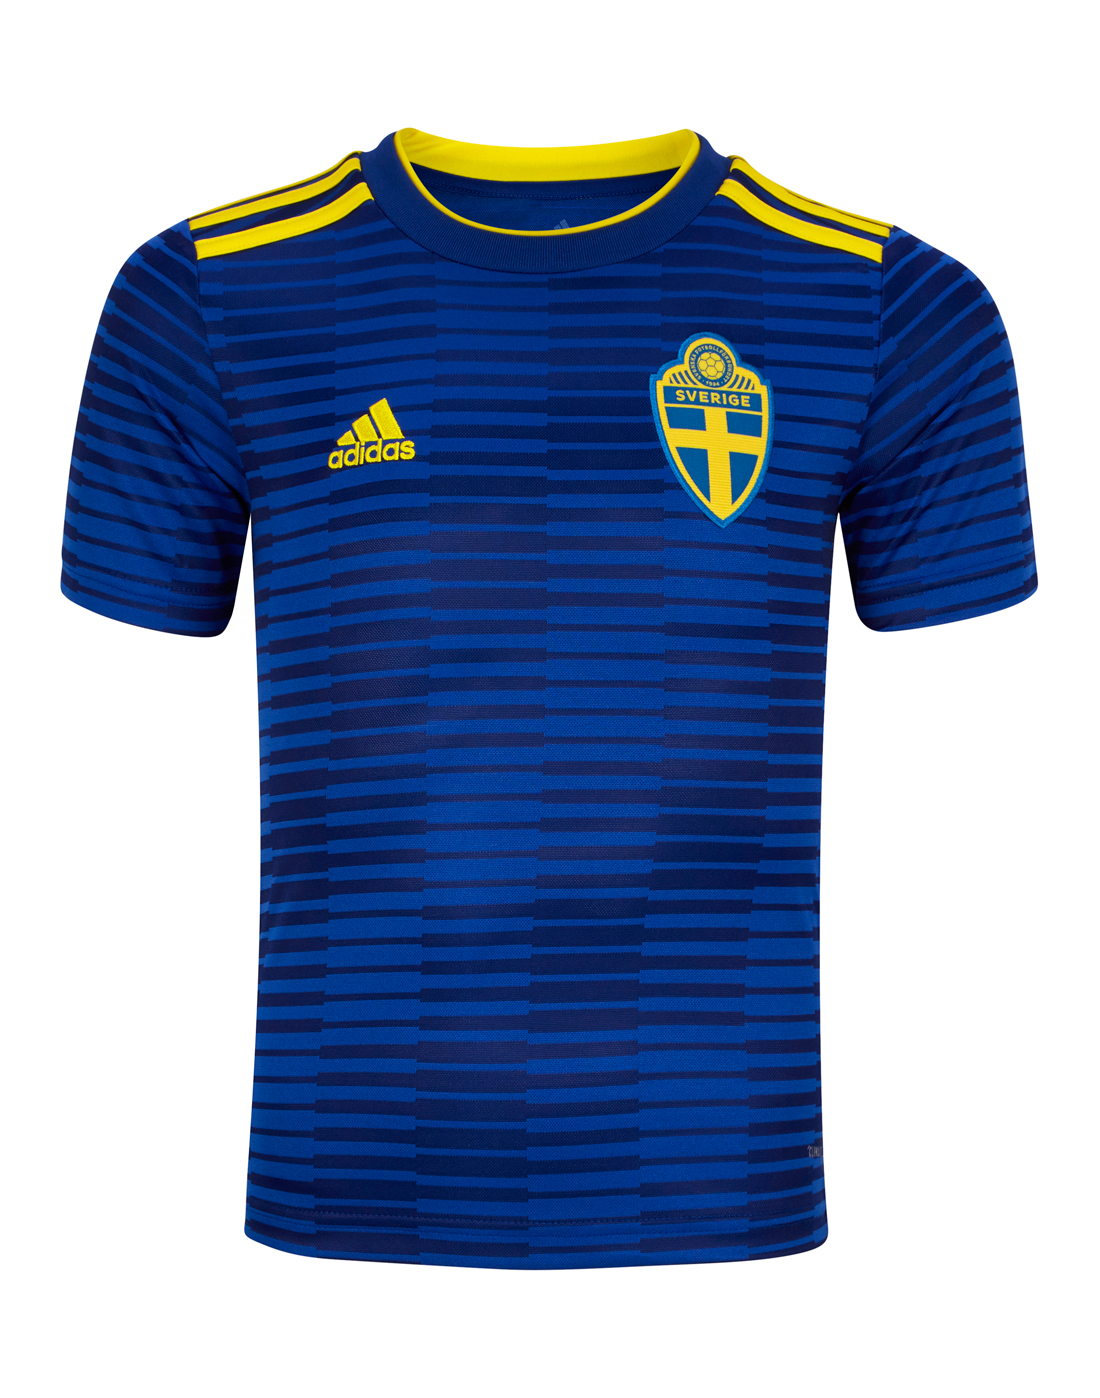 Rabatt Adidas Superstar 2 Lite Md Sole Skor Män Blå Gul